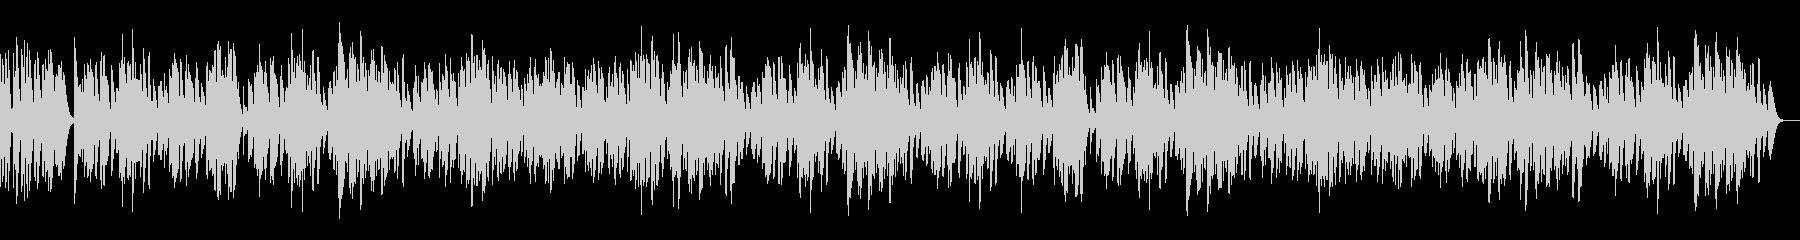 ジ・エンターテイナー マリンババージョンの未再生の波形